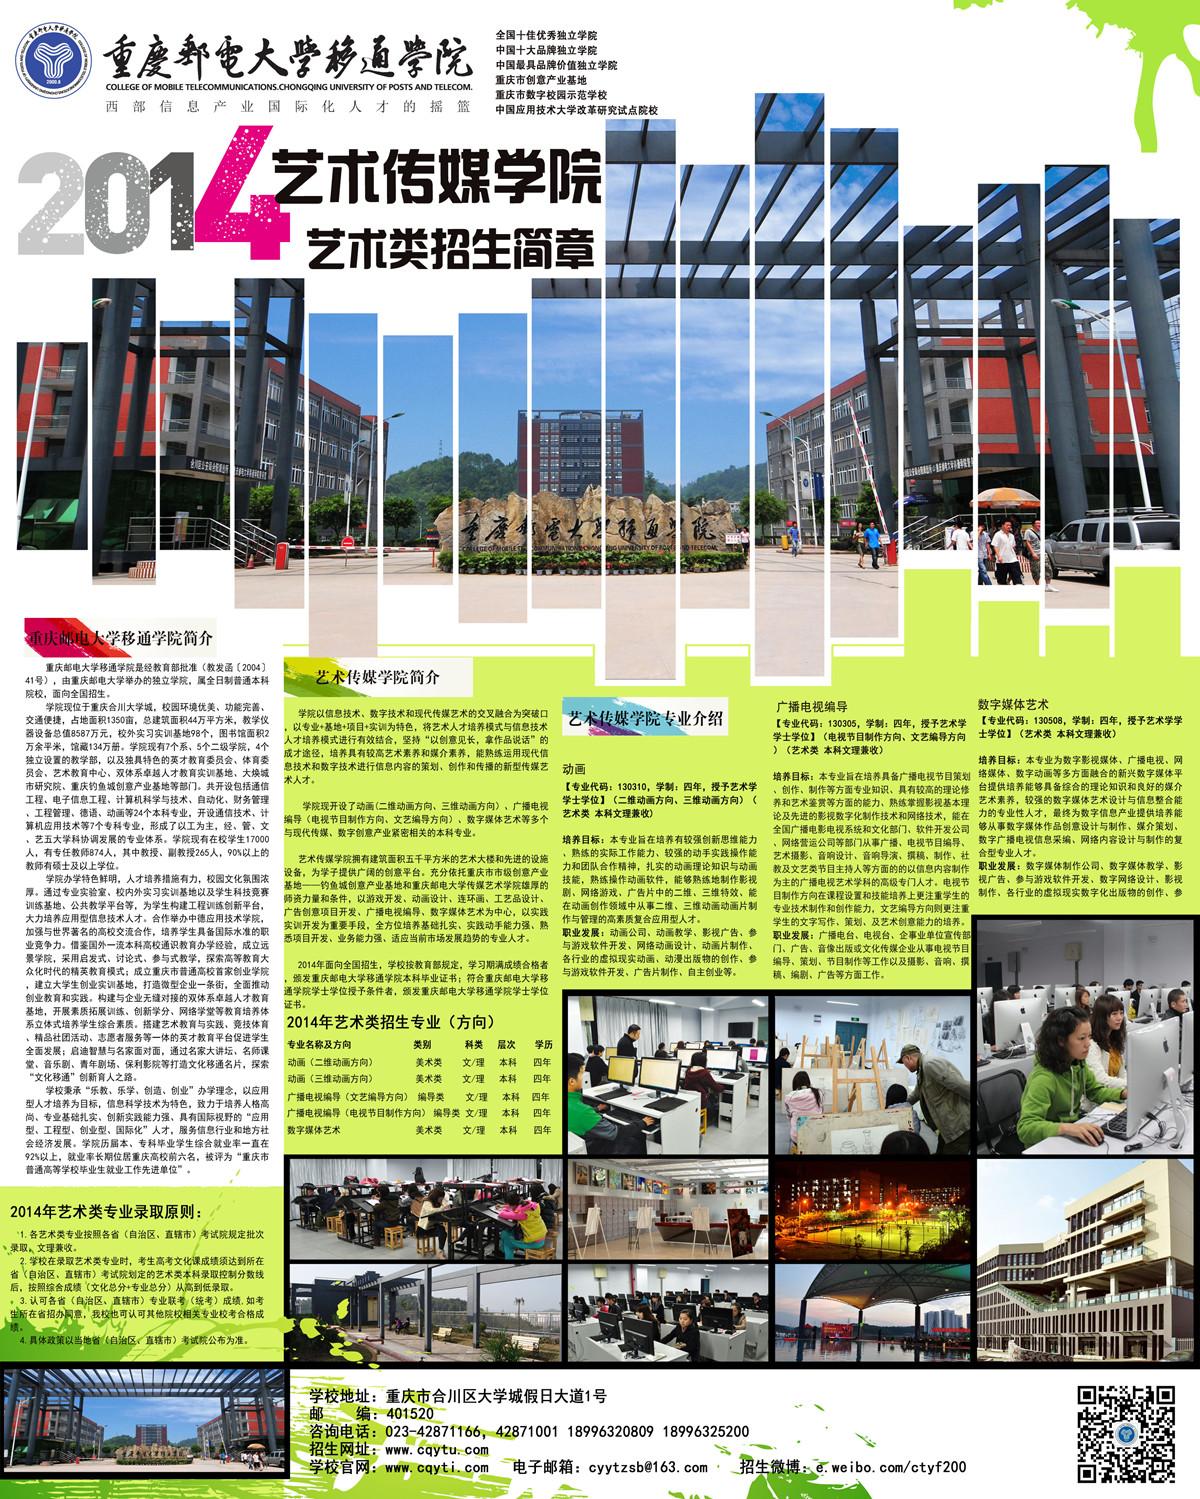 重庆邮电大学移通学院2014艺术招生简章